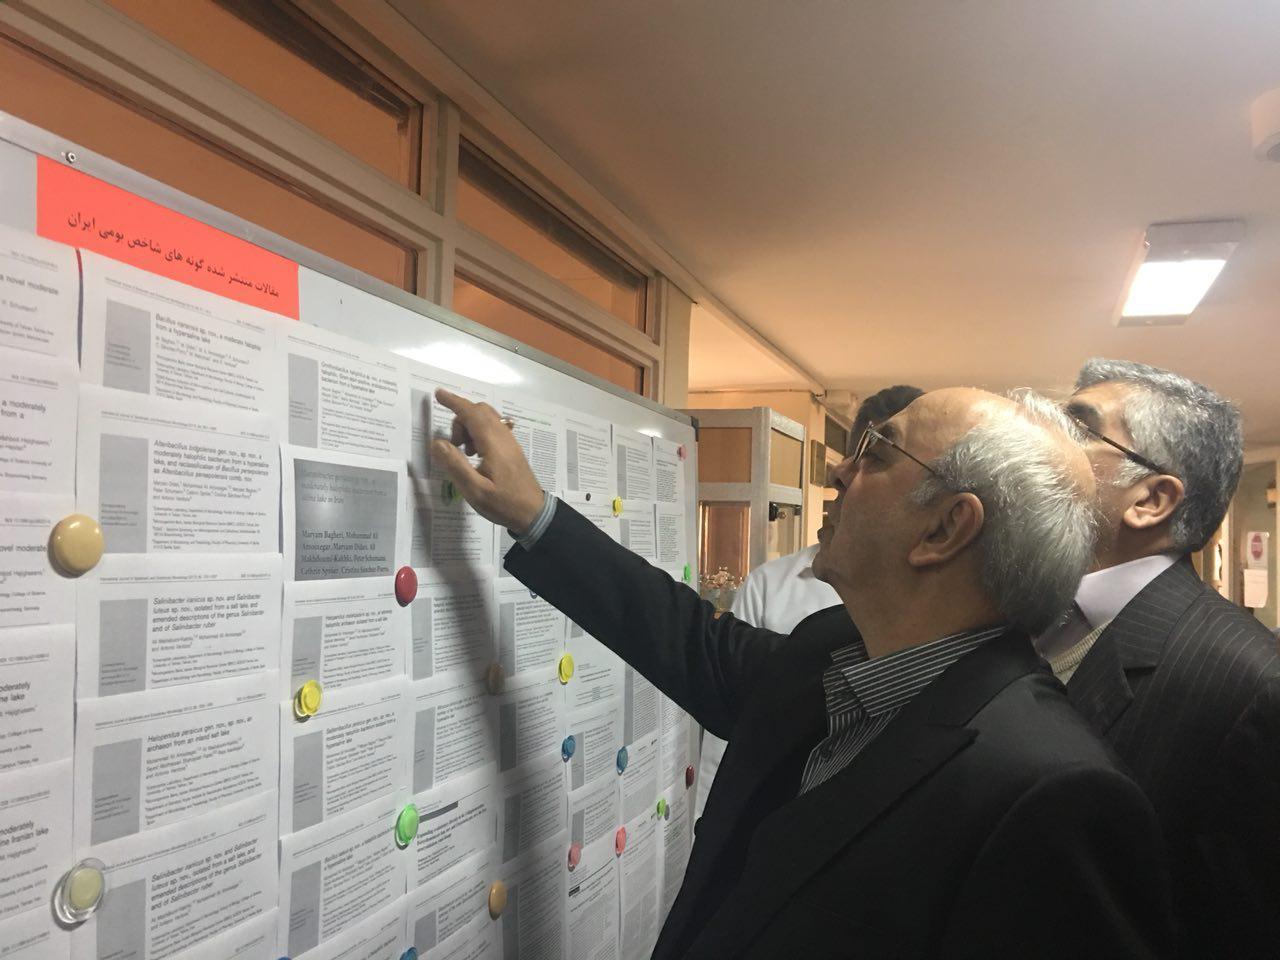 گزارش تصویری بازدید رئیس هیات عامل ایدرو از طرحهای تحقیقاتی جهاد دانشگاهی